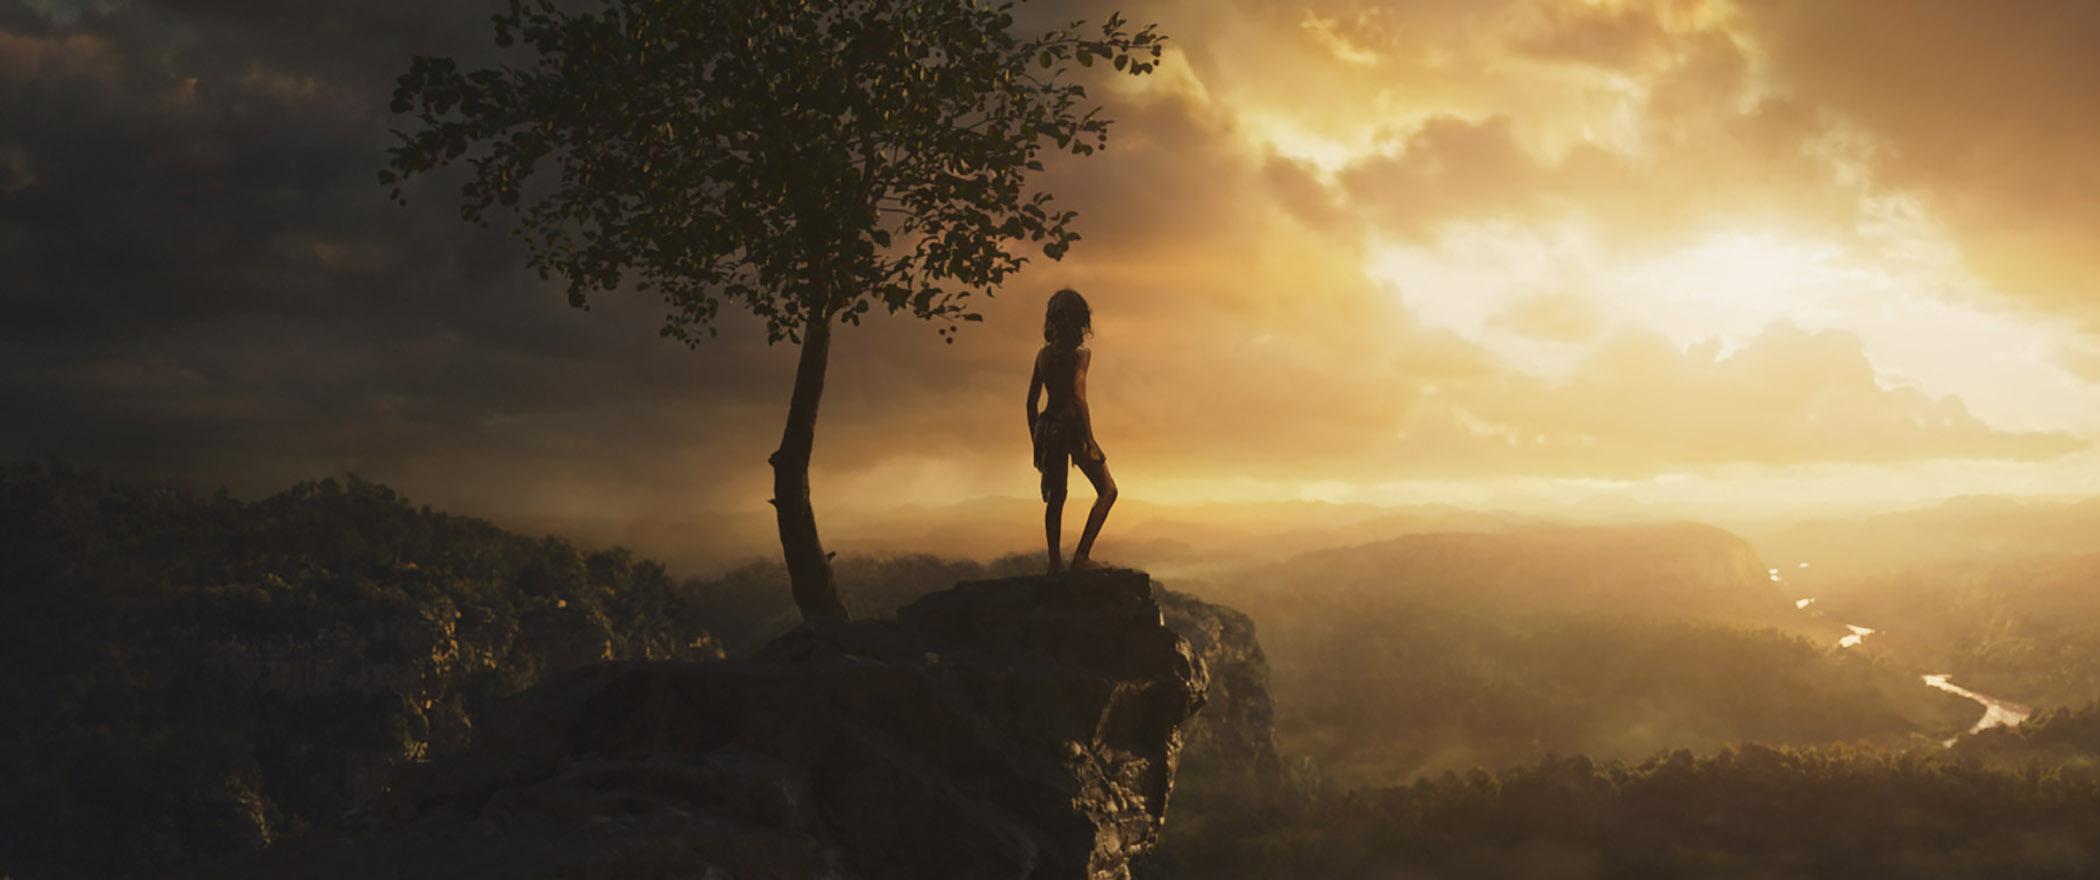 Jungle Book Film Trailer